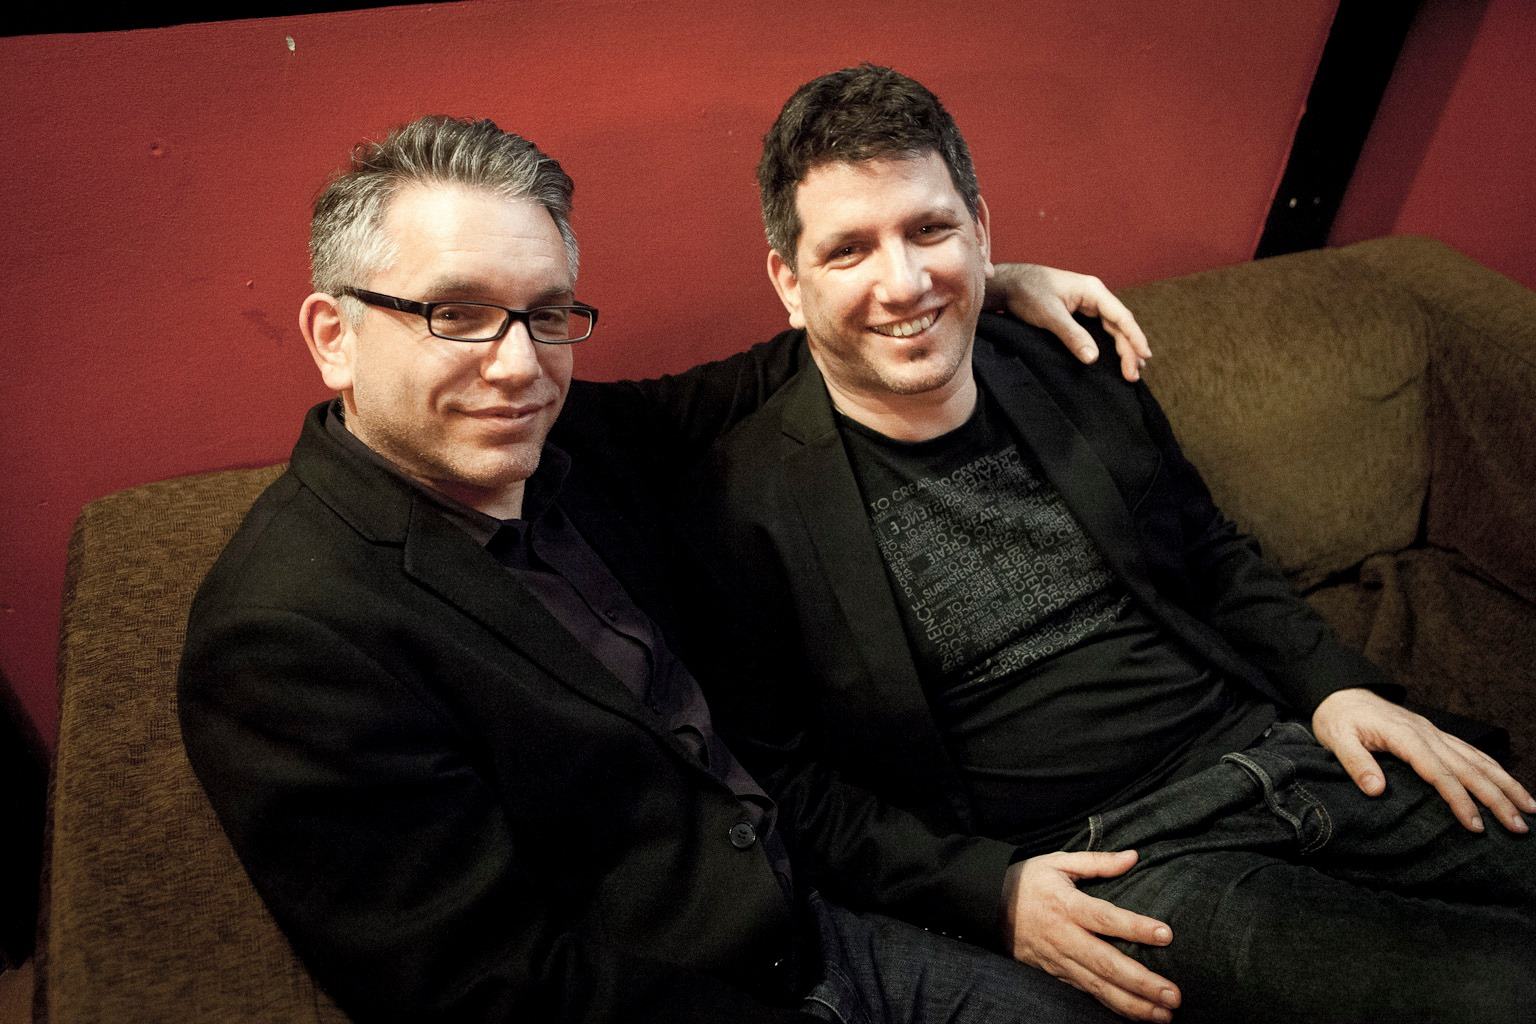 Gátos Iván és Bálint <br />A Gátos-testvérek elsősorban kiváló session zenészek, sok helyen muzsikálnak. Iván (balra) billentyűs, Bálint basszusgitáros.